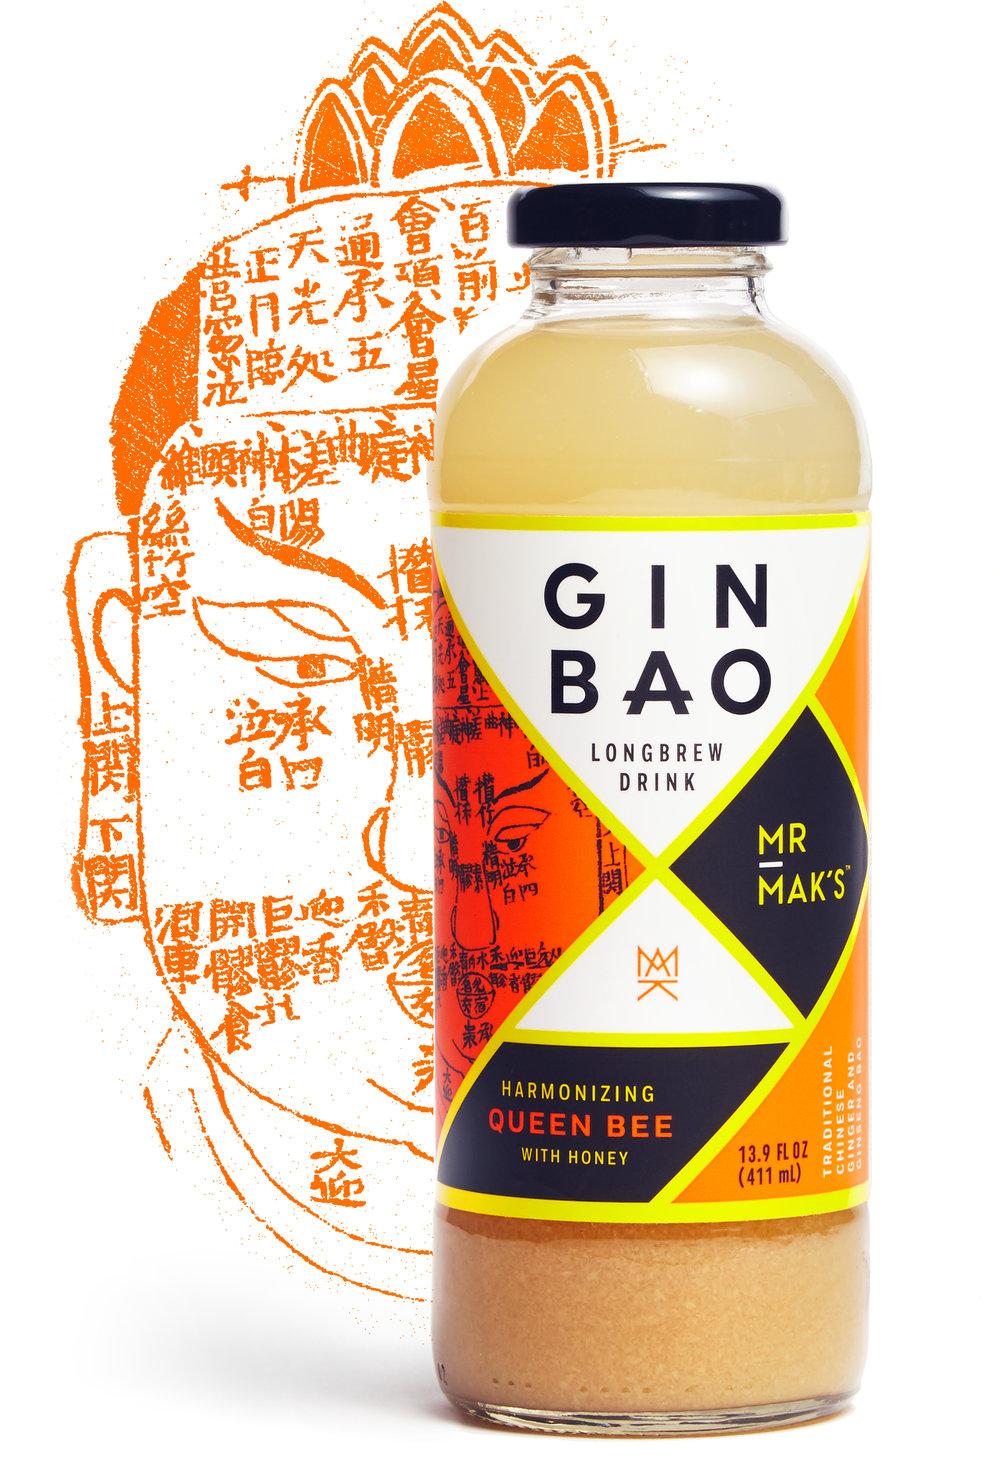 Queen Bee Ginbao